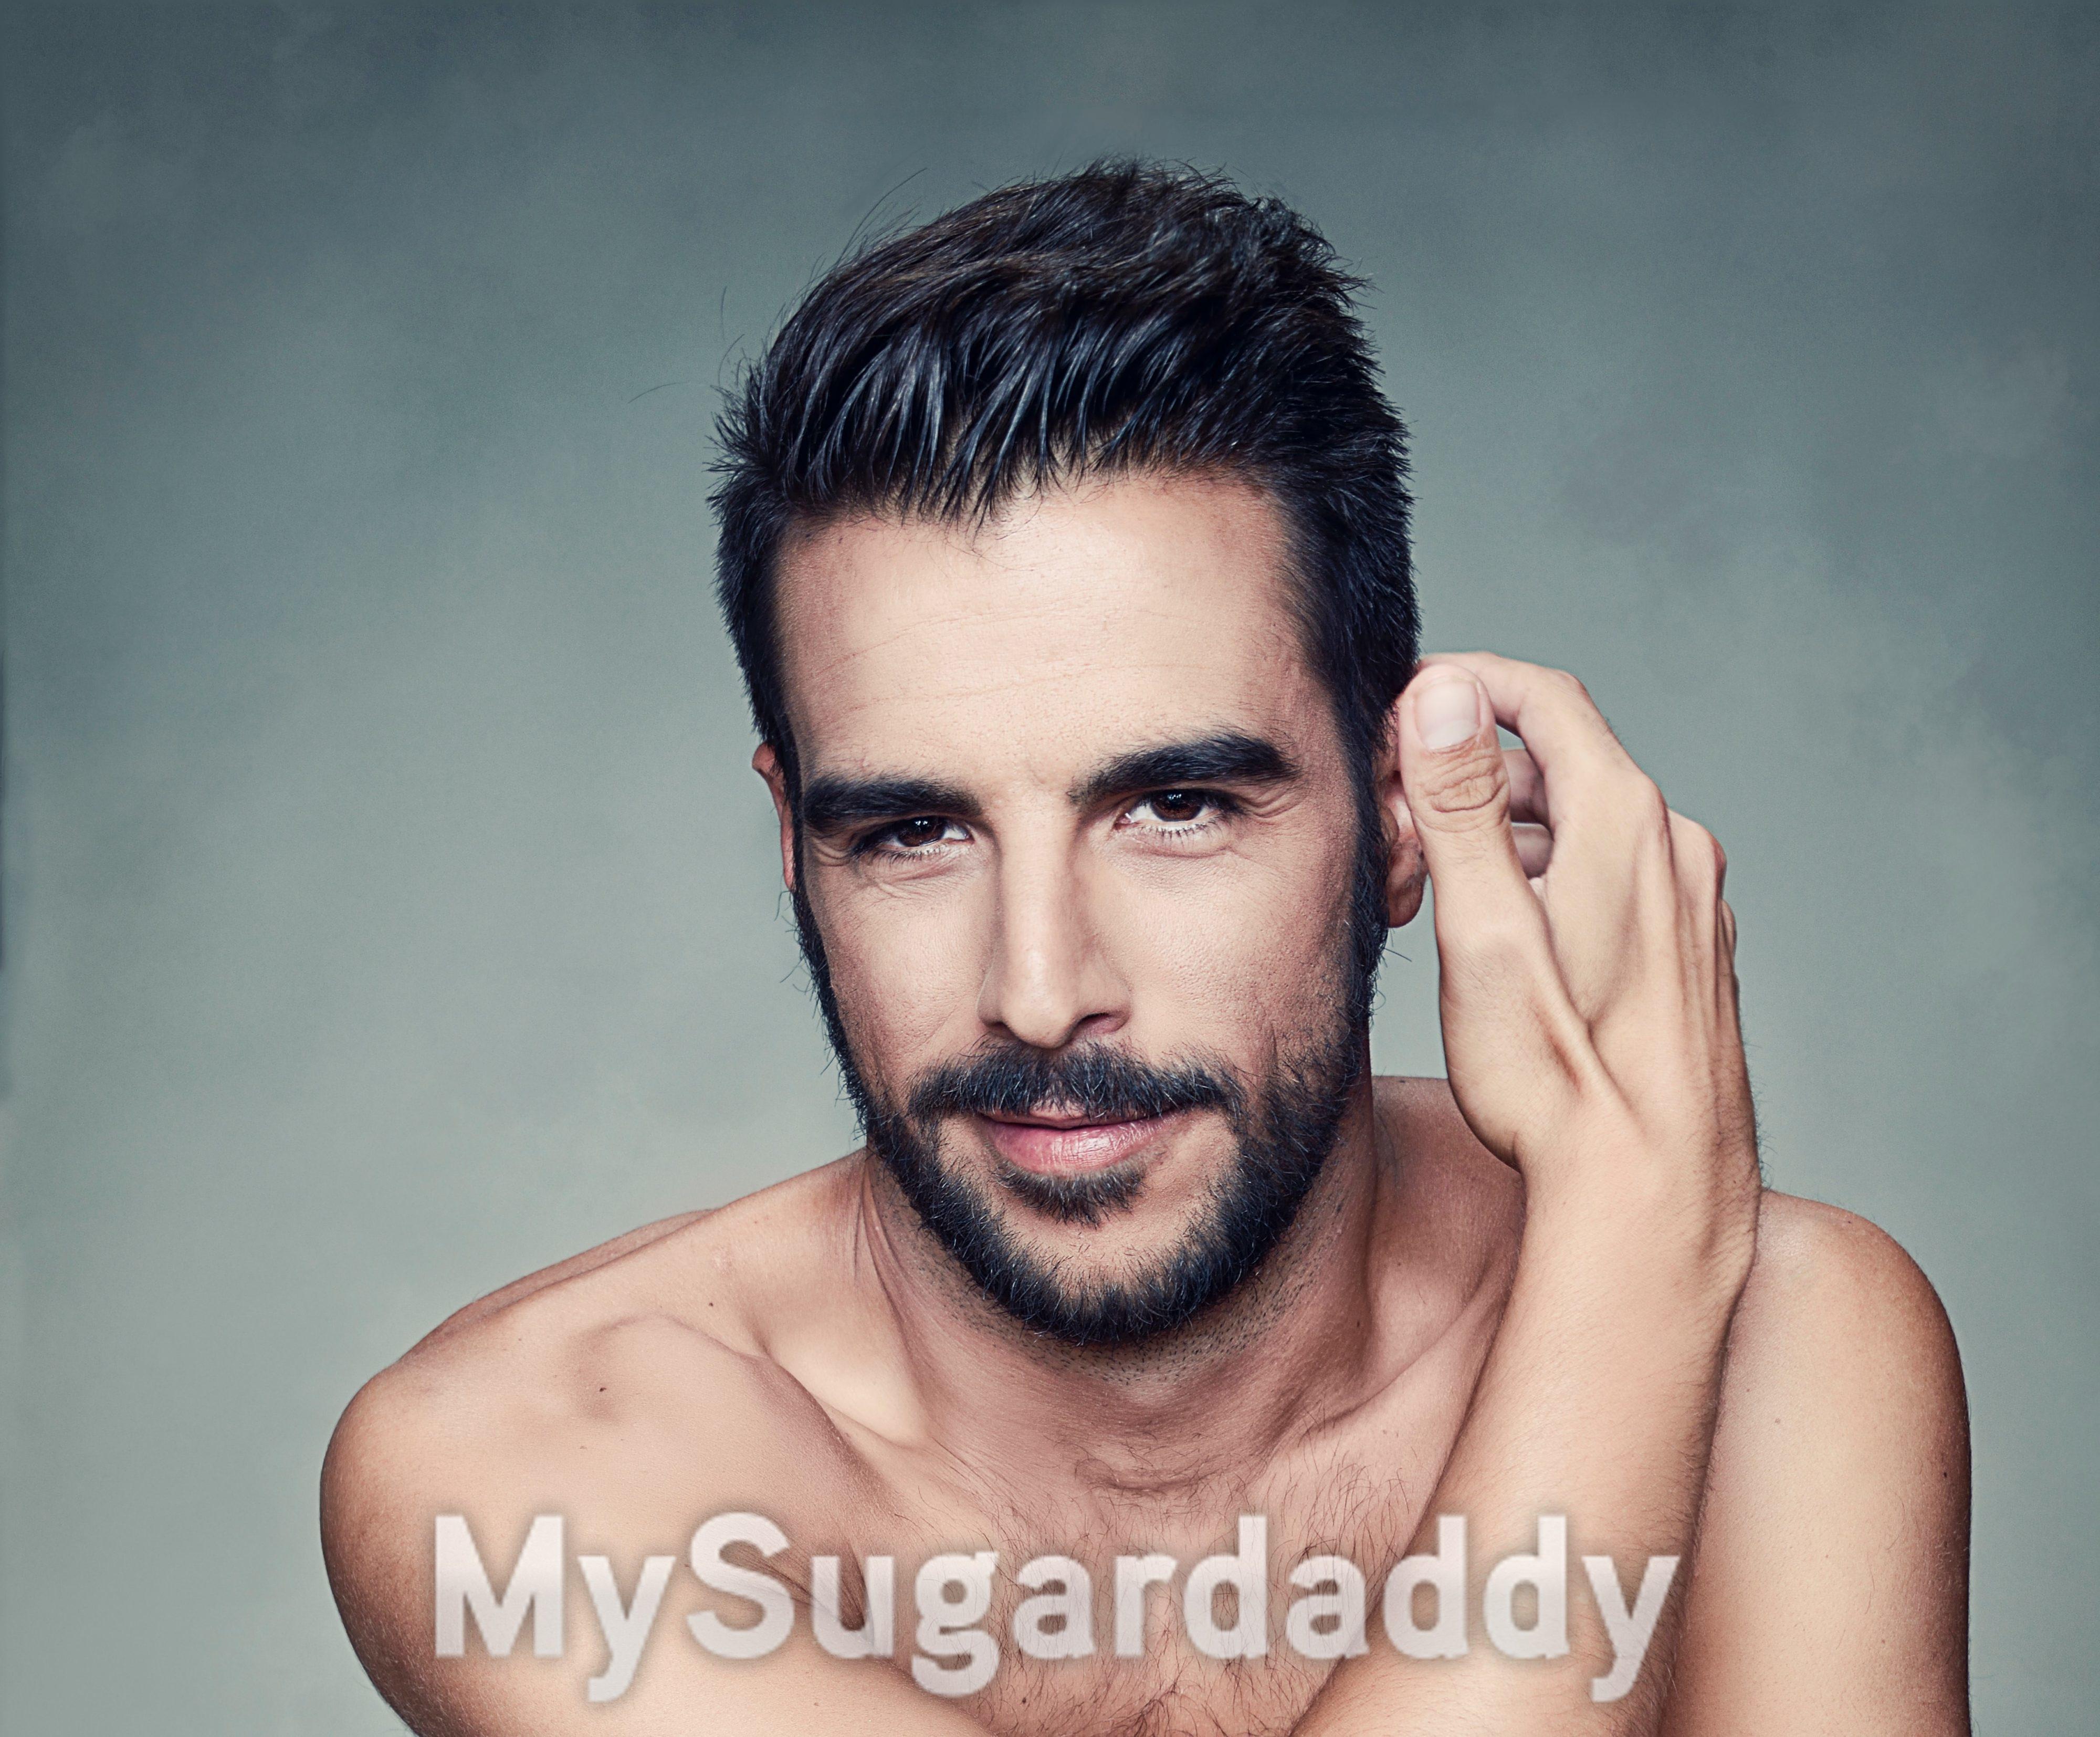 Sugar Daddies: Beauty-Tipps, die in deiner Routine nicht fehlen dürfen